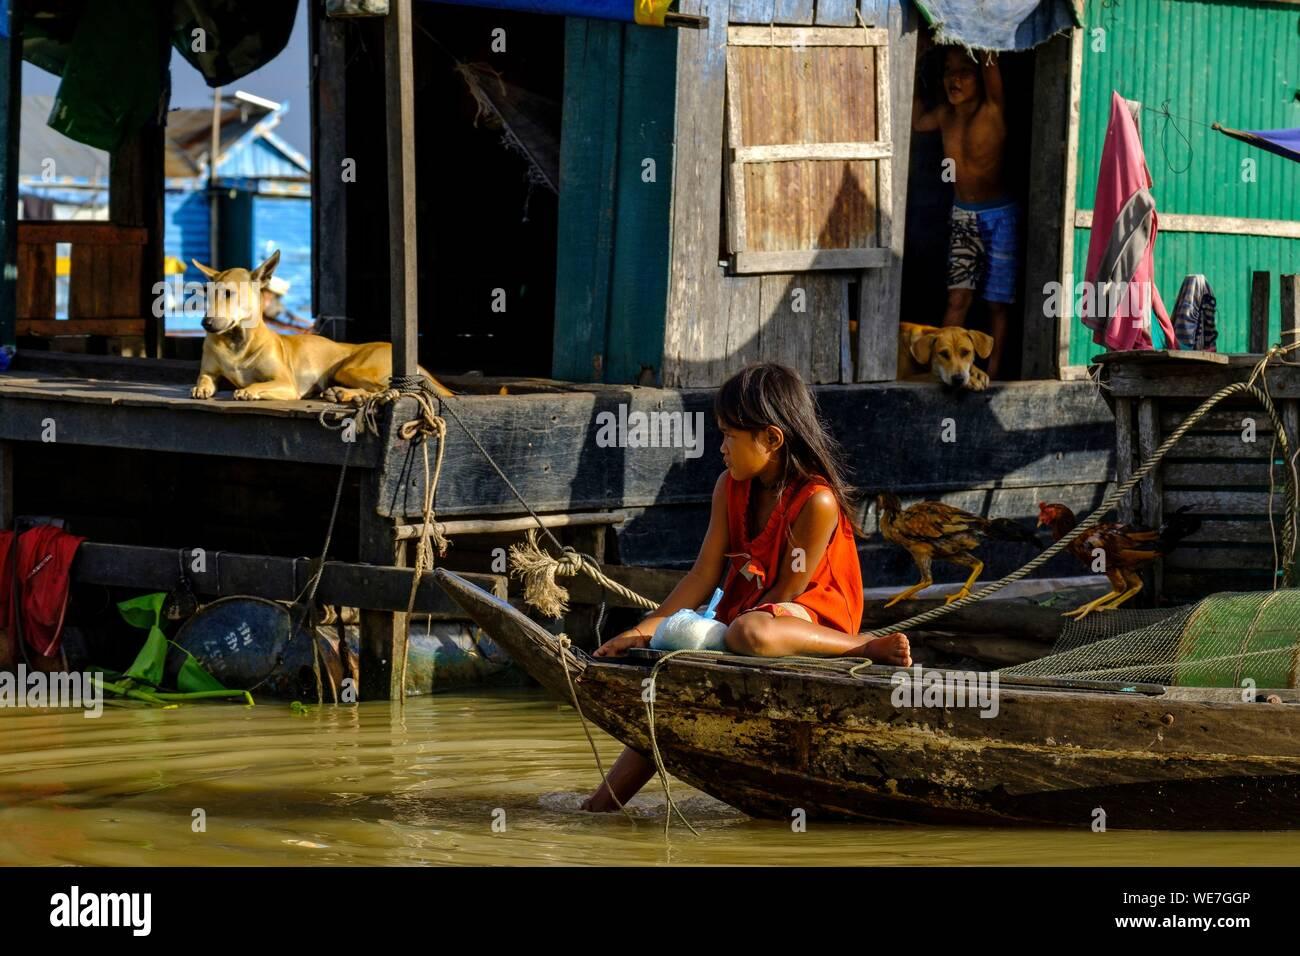 Dog Cambodia Stock Photos & Dog Cambodia Stock Images - Alamy